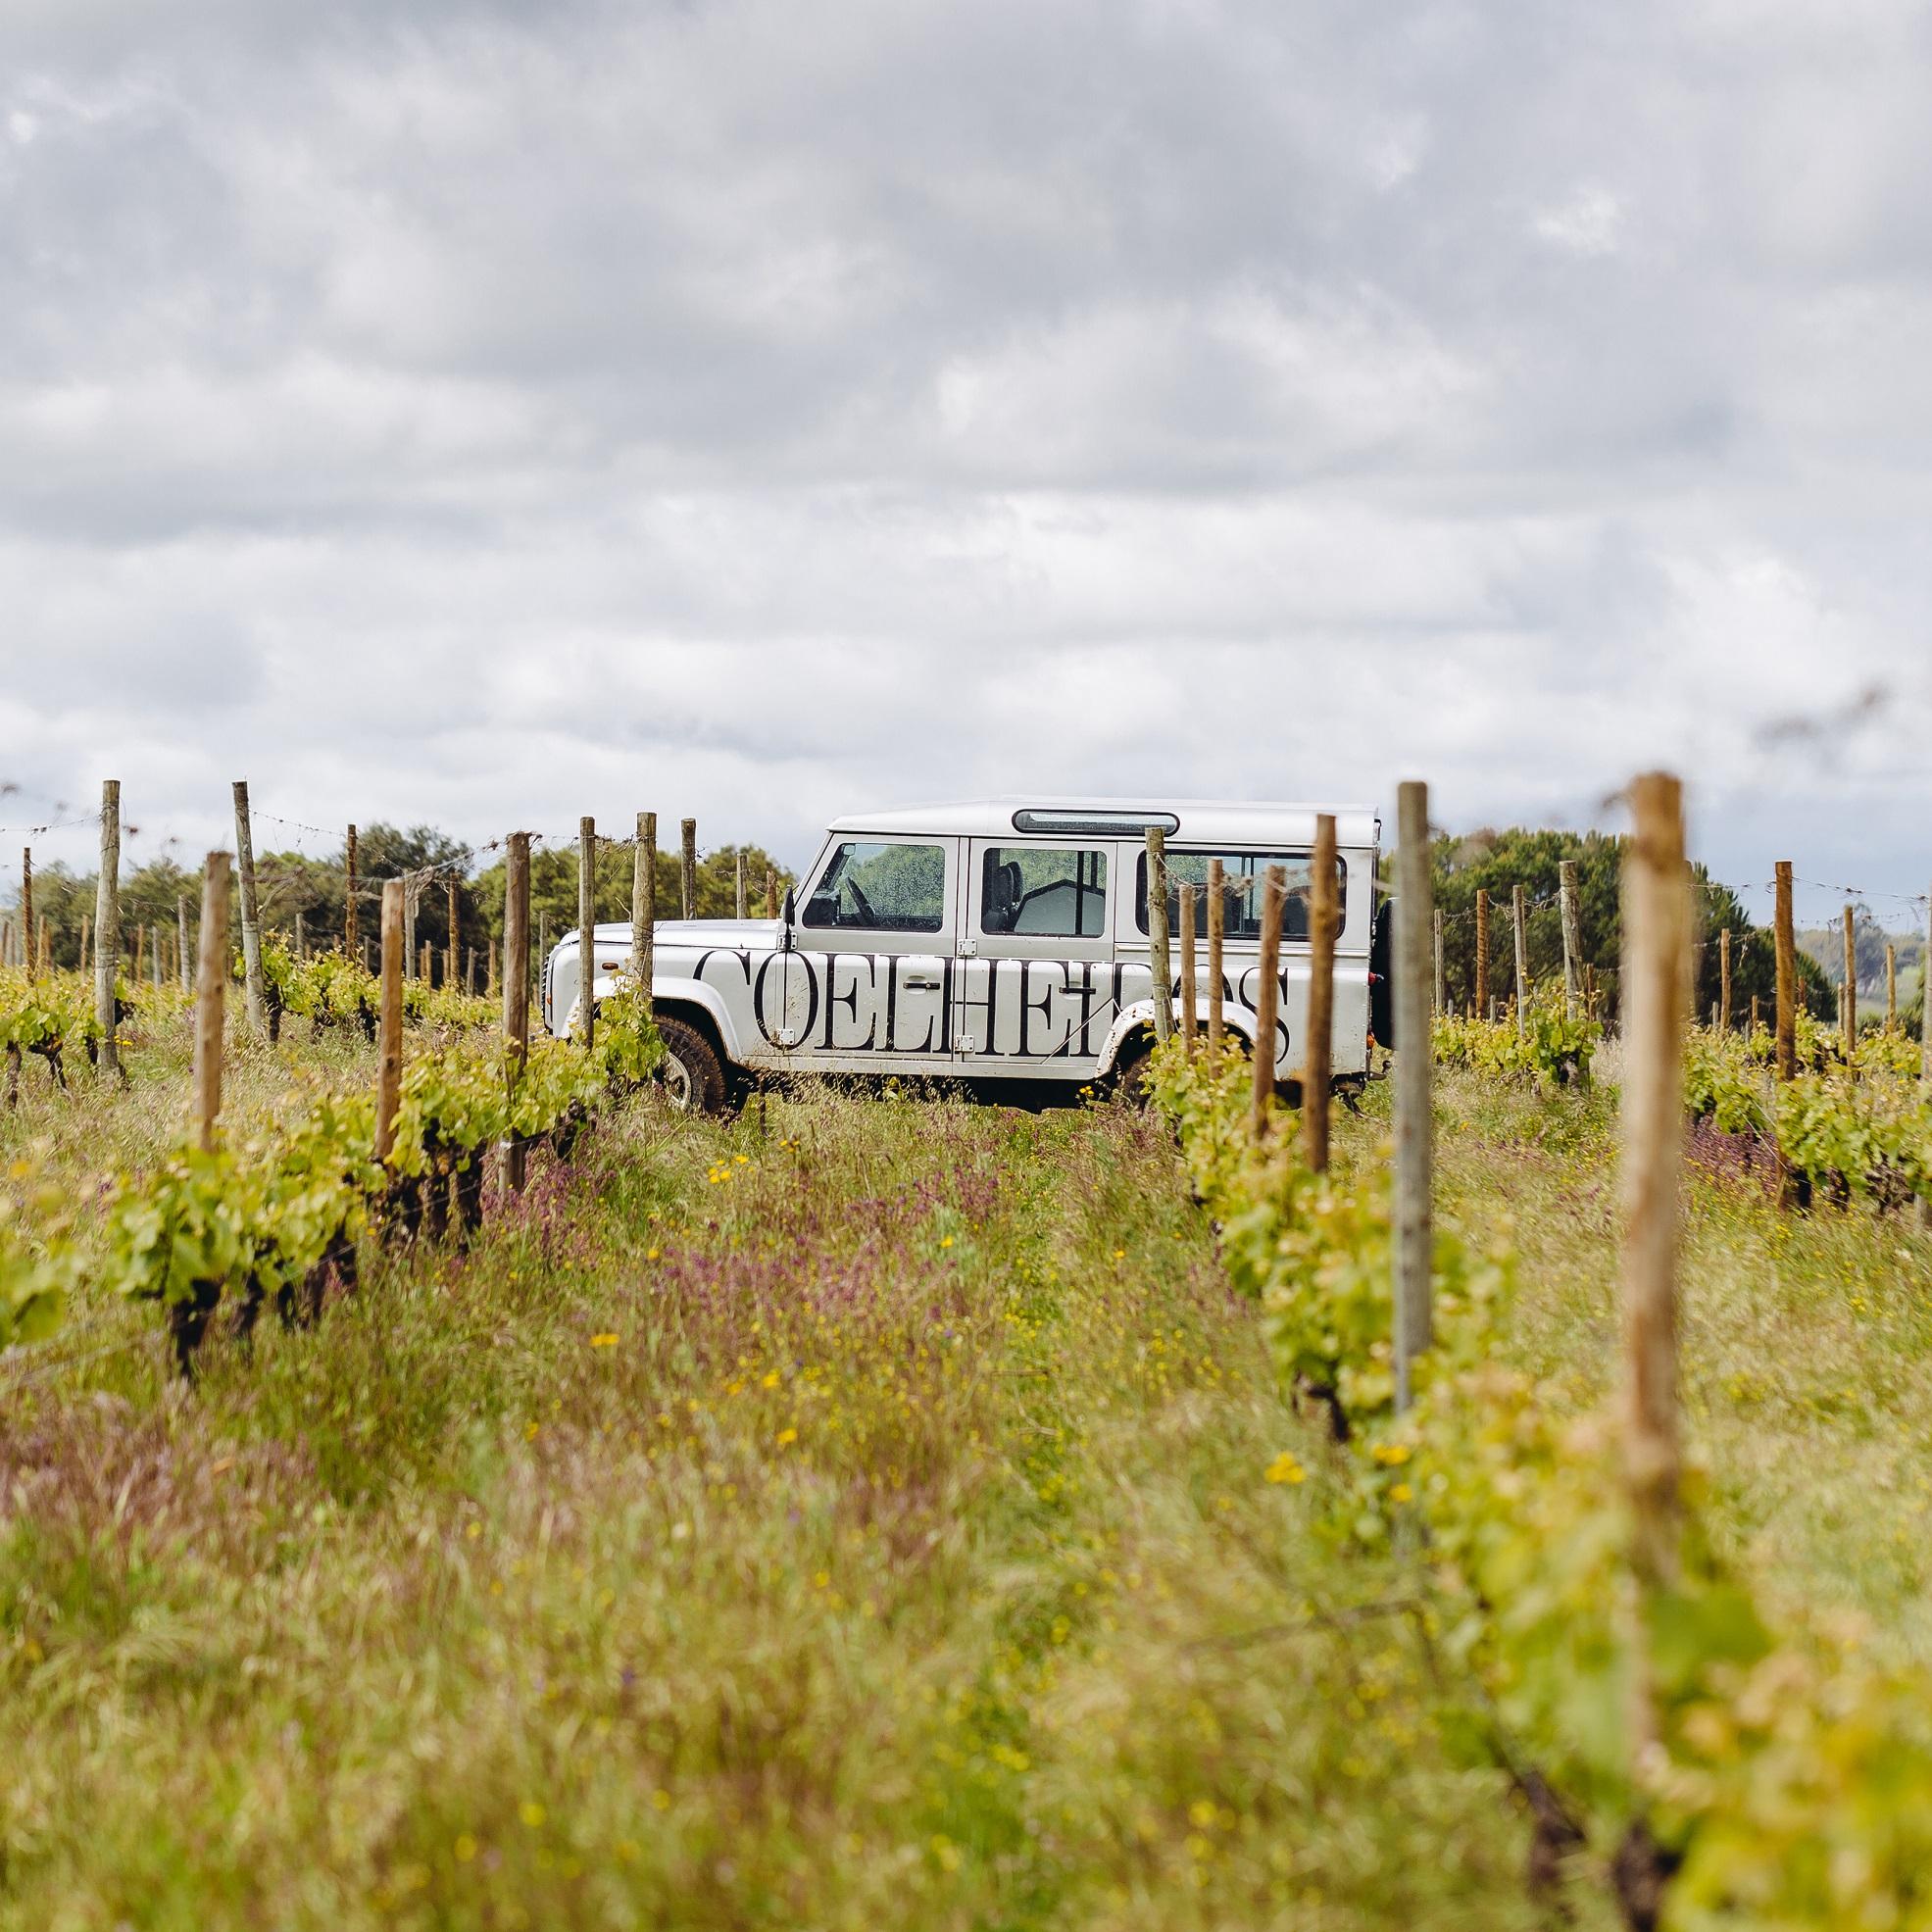 Herdade de Coelheiros – Lunch at the Wine Estate